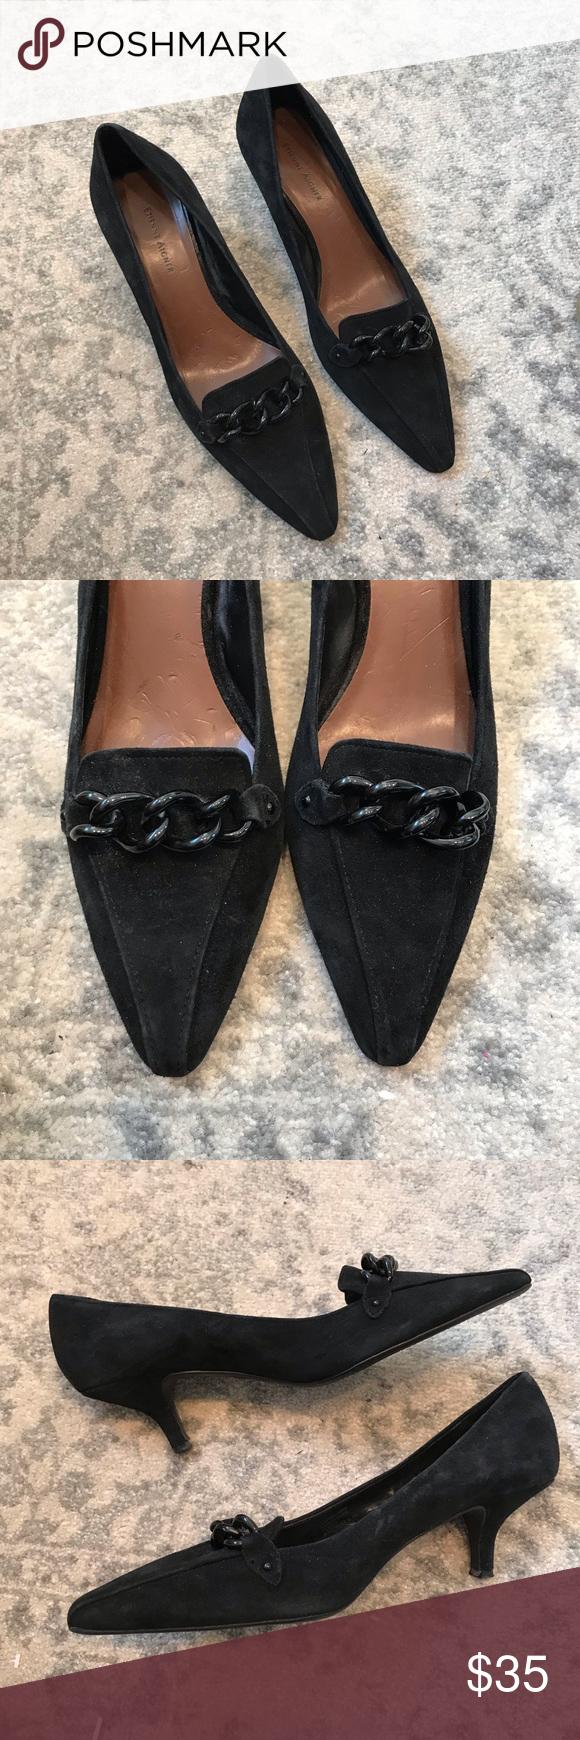 Etienne Aigner Suede Michelle Kitten Heel Pump Kitten Heel Pumps Kitten Heels Black Pumps Heels